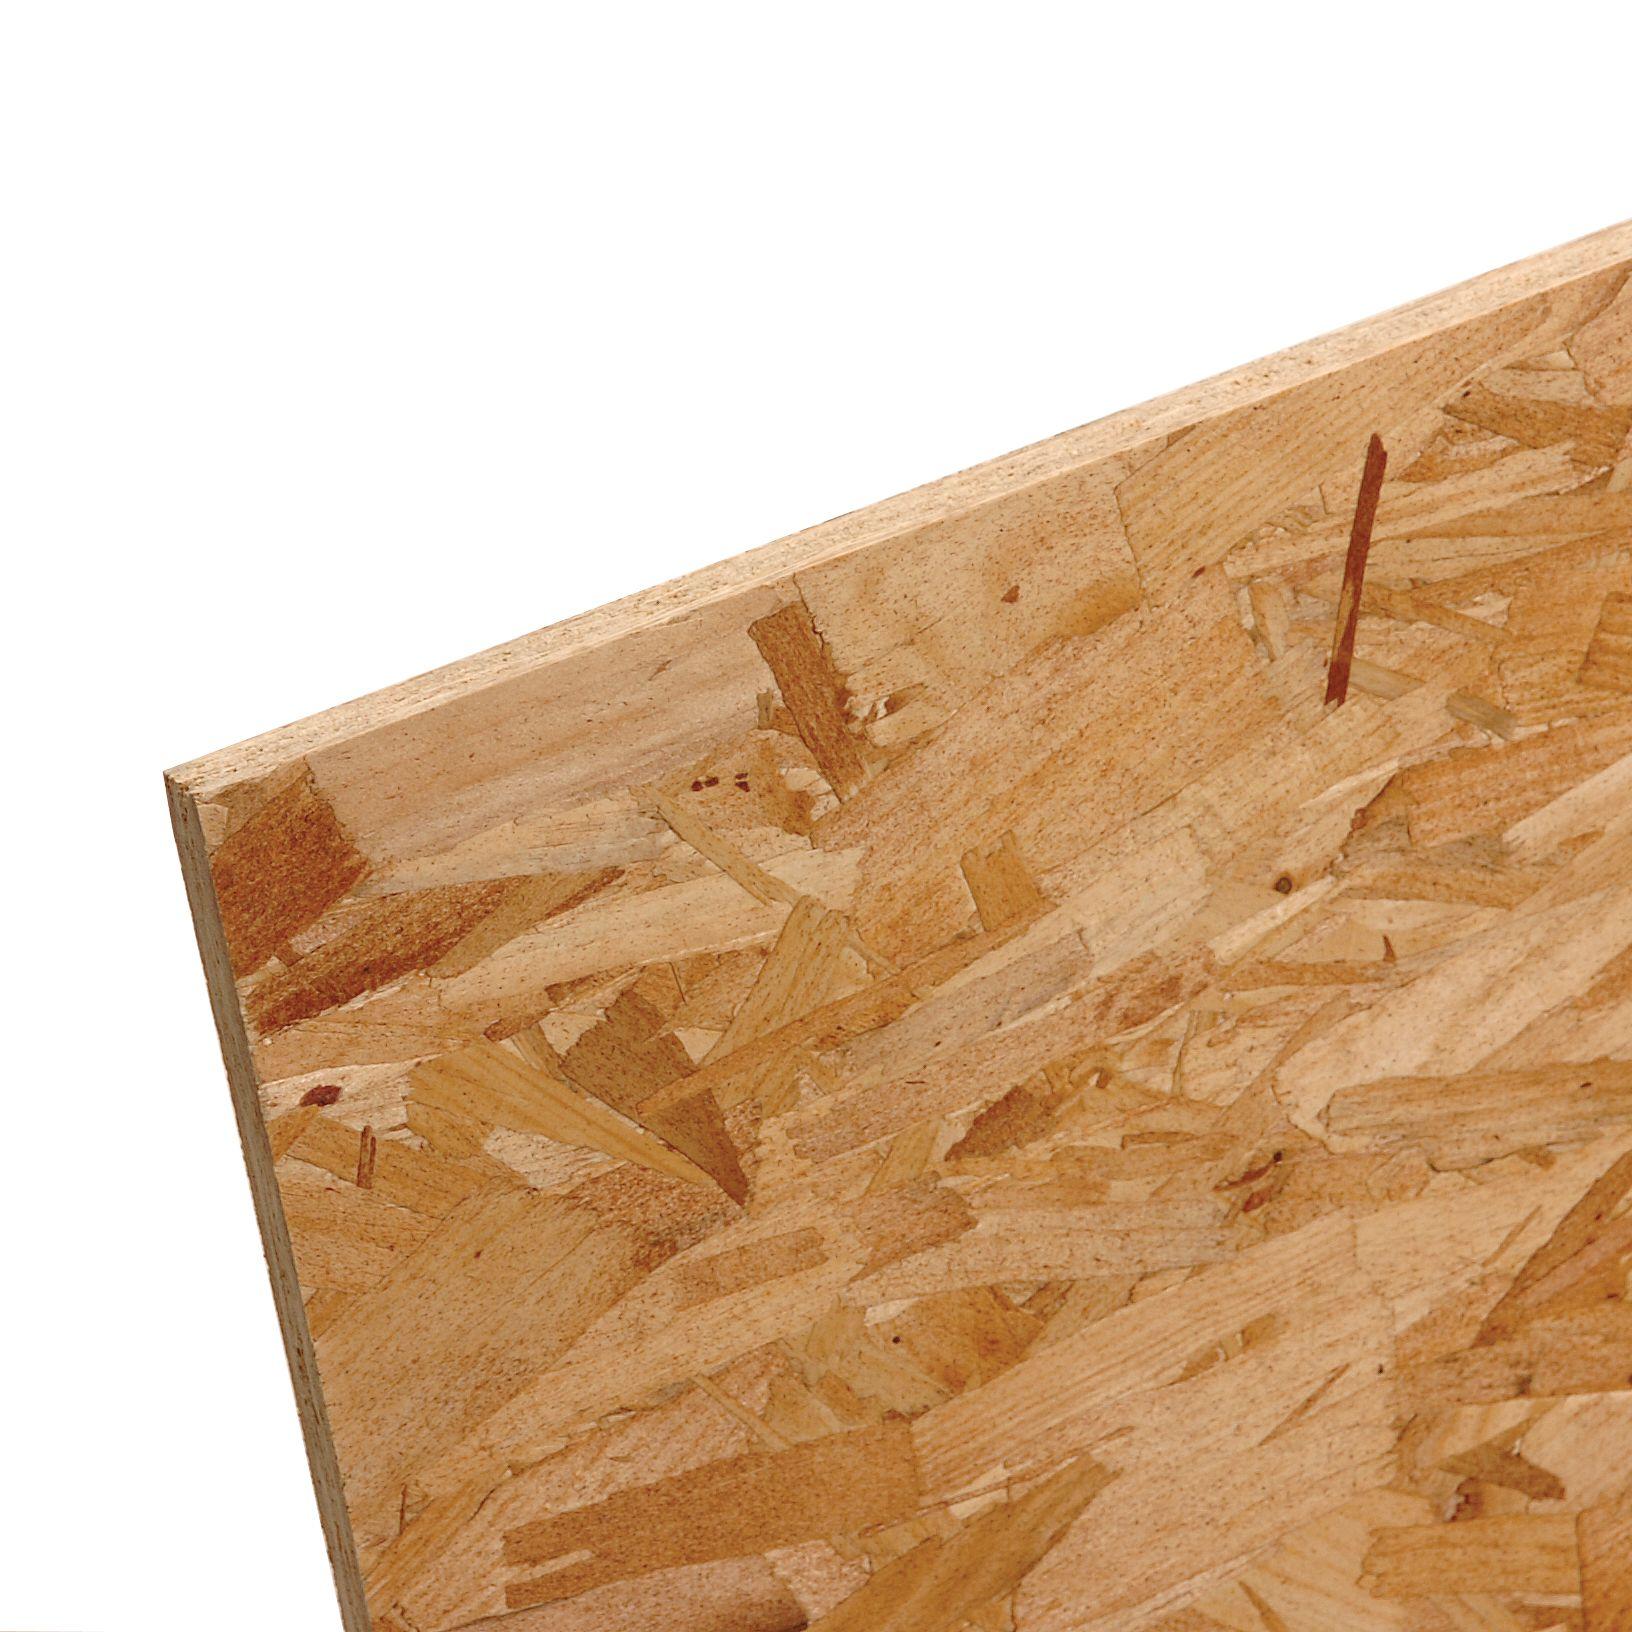 hardboard sheet th 3mm w 610mm l 1220mm departments. Black Bedroom Furniture Sets. Home Design Ideas